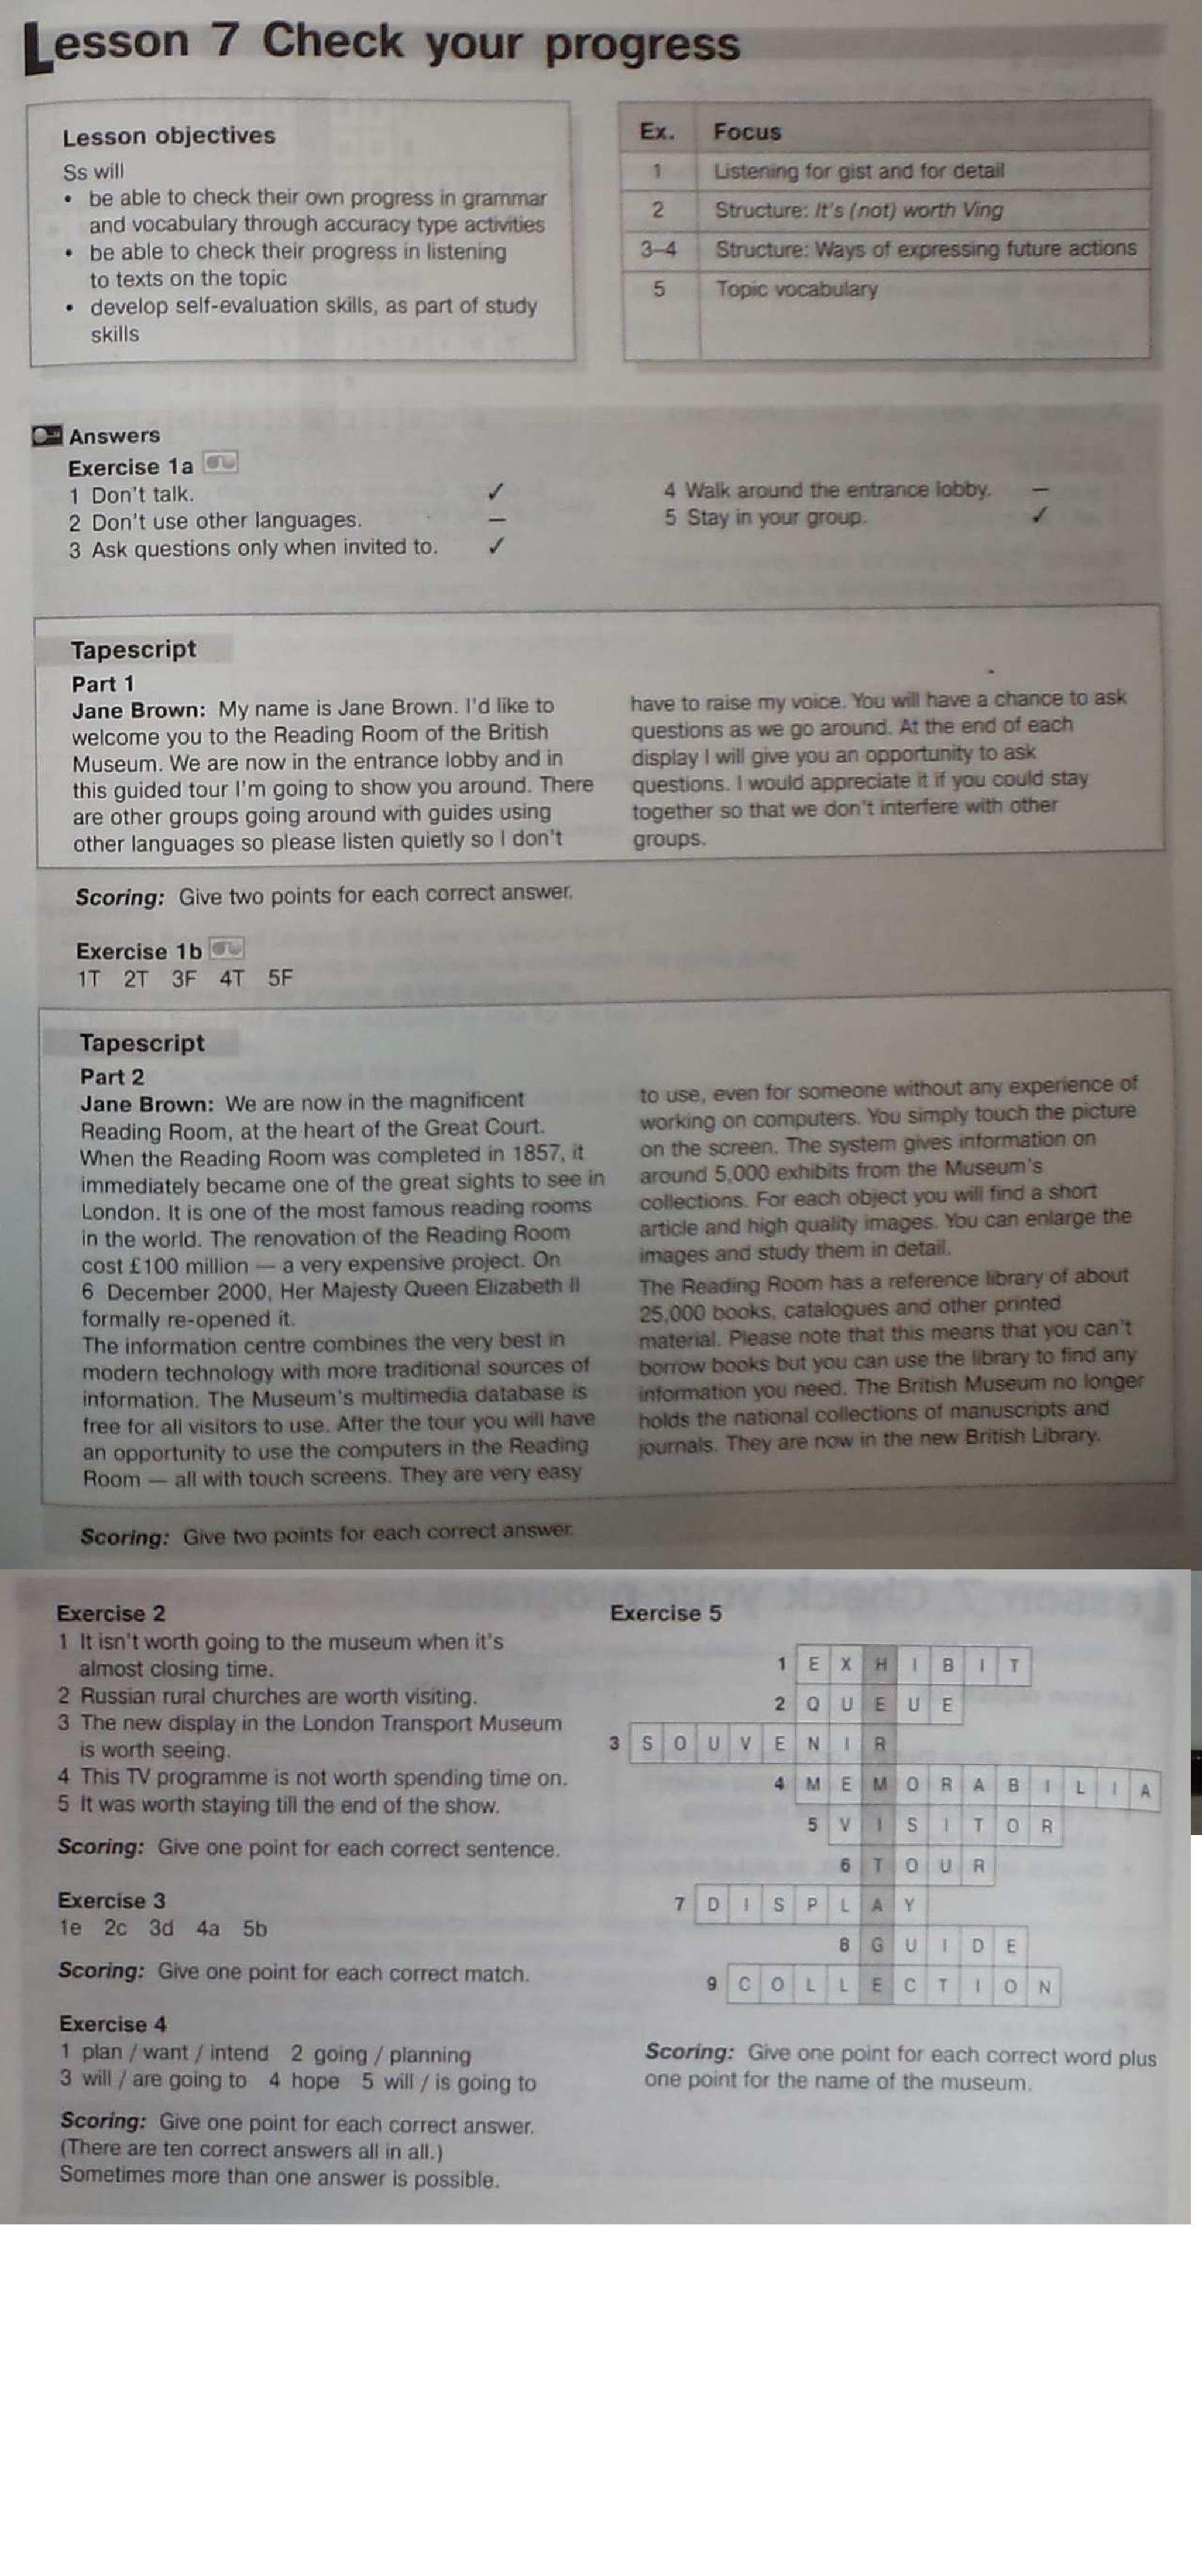 Английский язык учебник 9 класс гроза дворецкая казырбаева стр